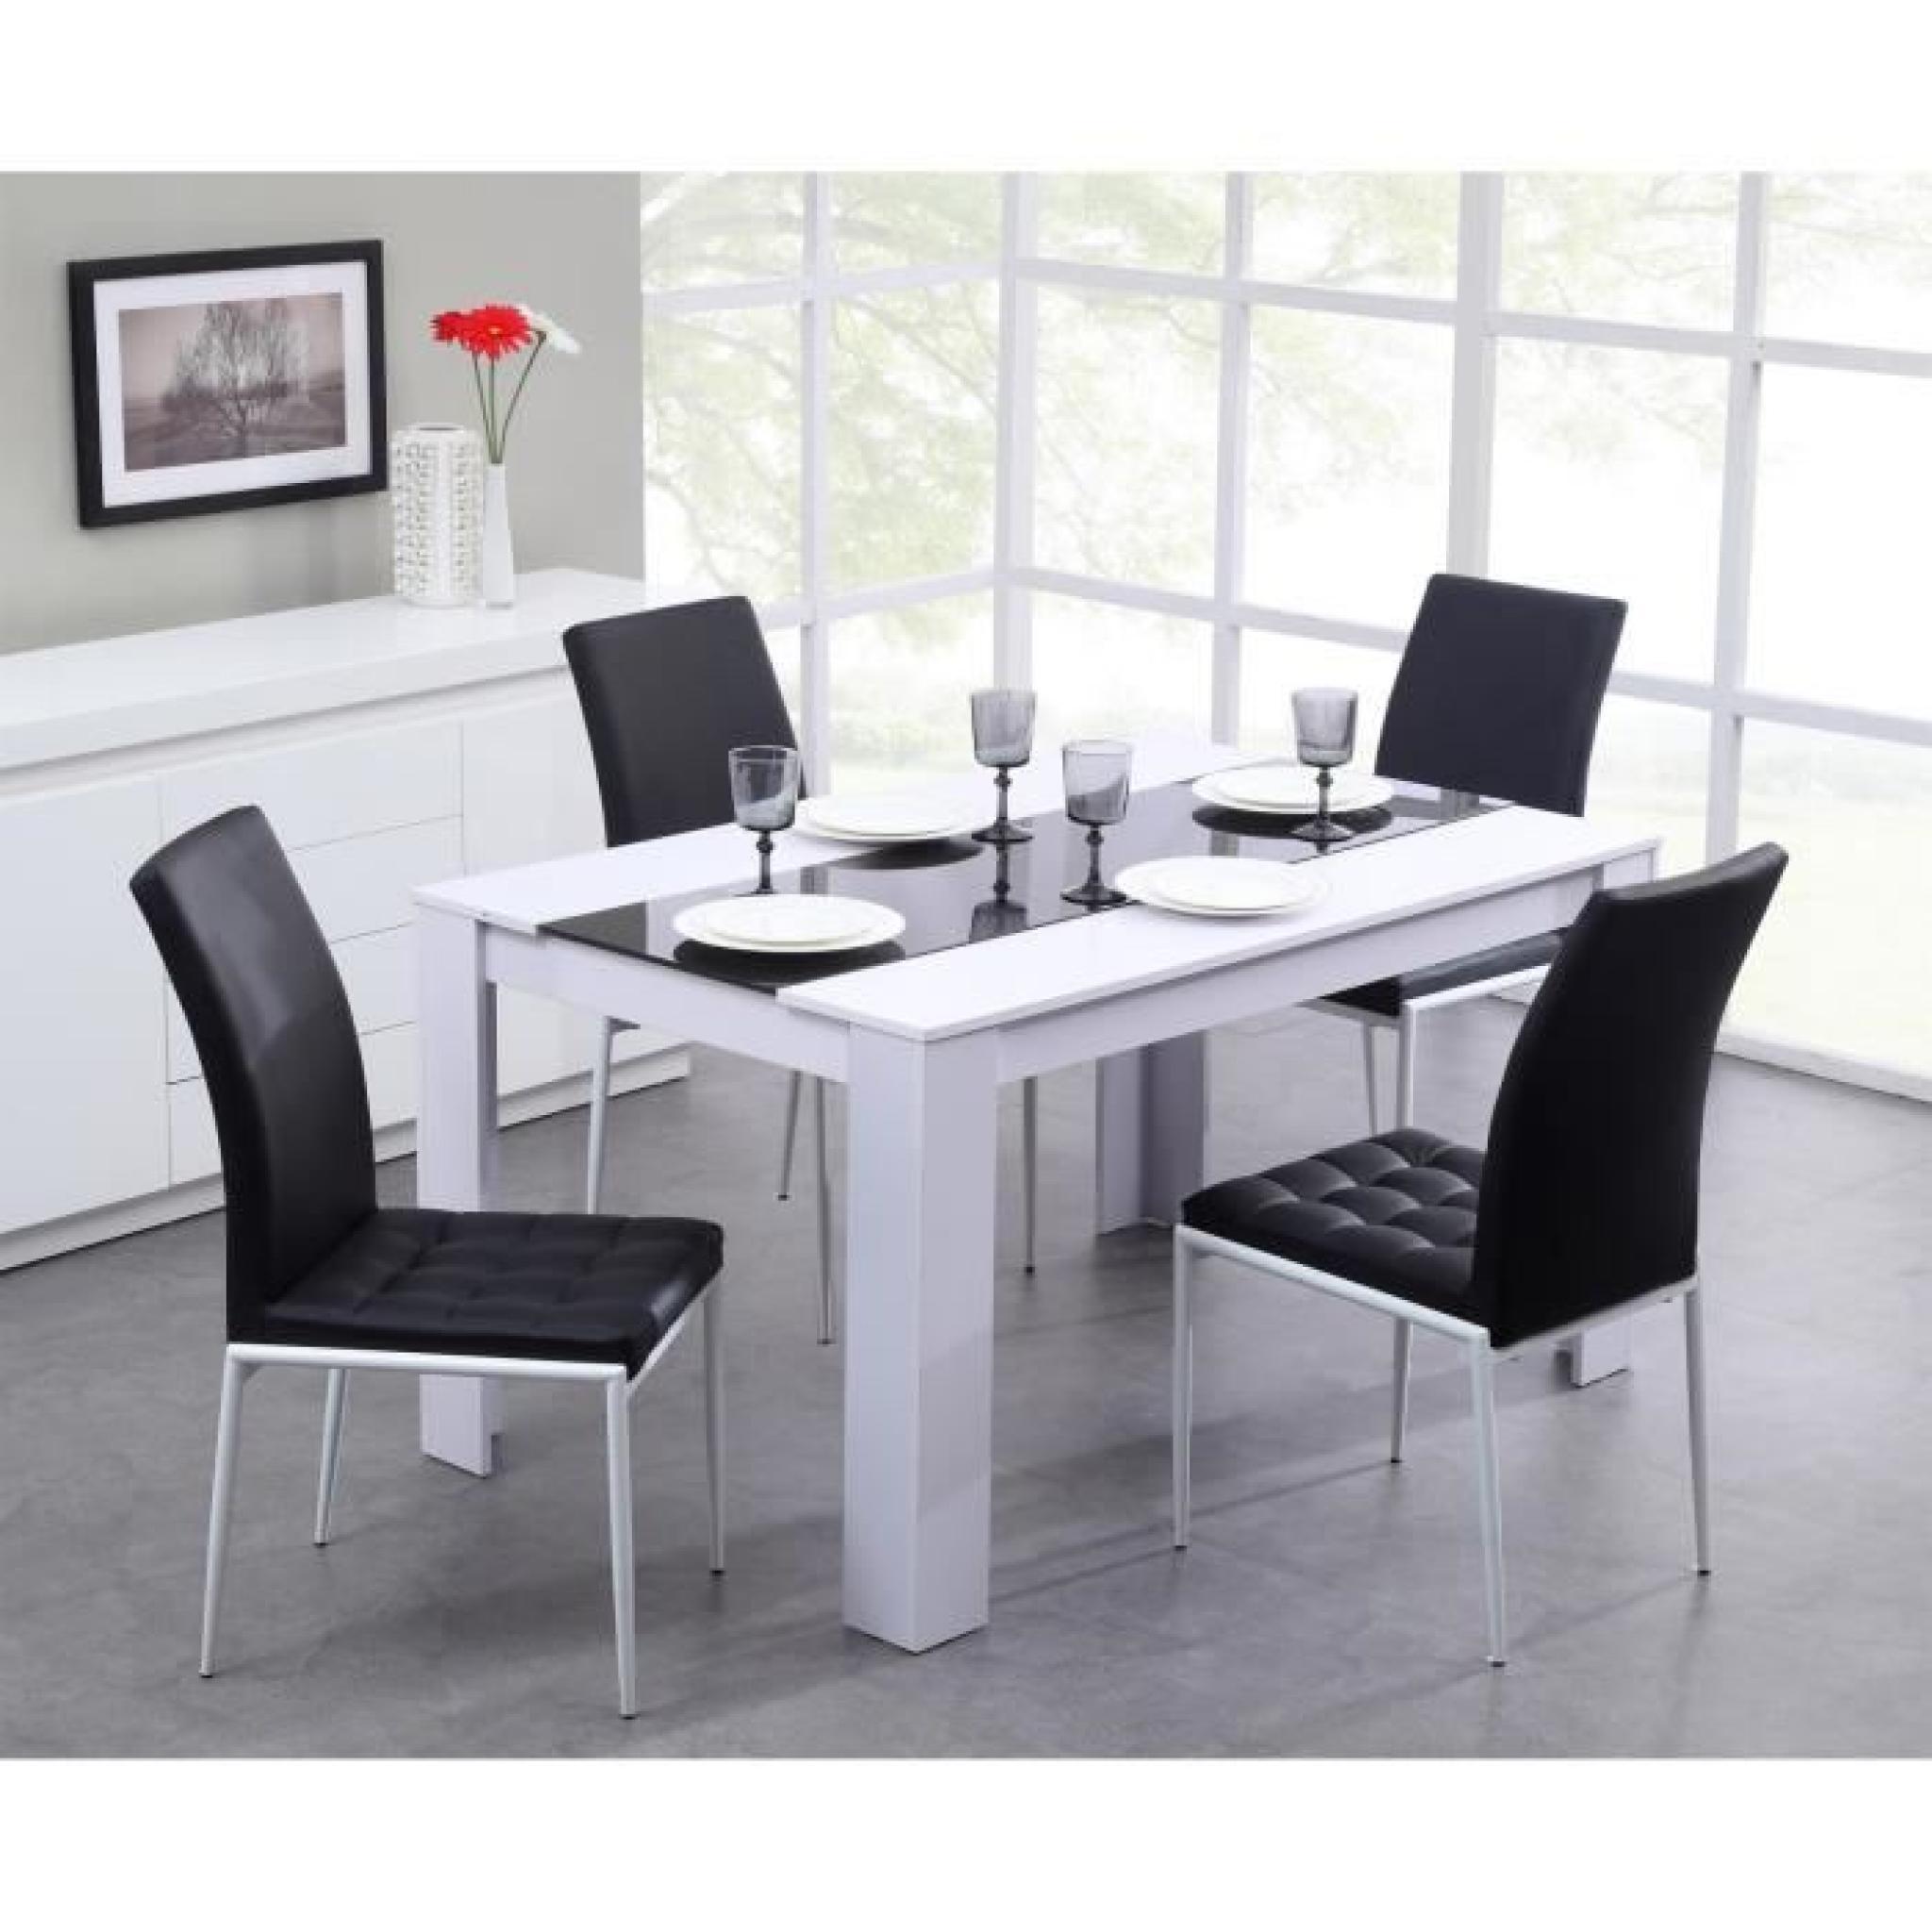 Damia Table À Manger 140X90Cm Noir Et Blanc destiné Table Salle À Manger Design Pas Cher